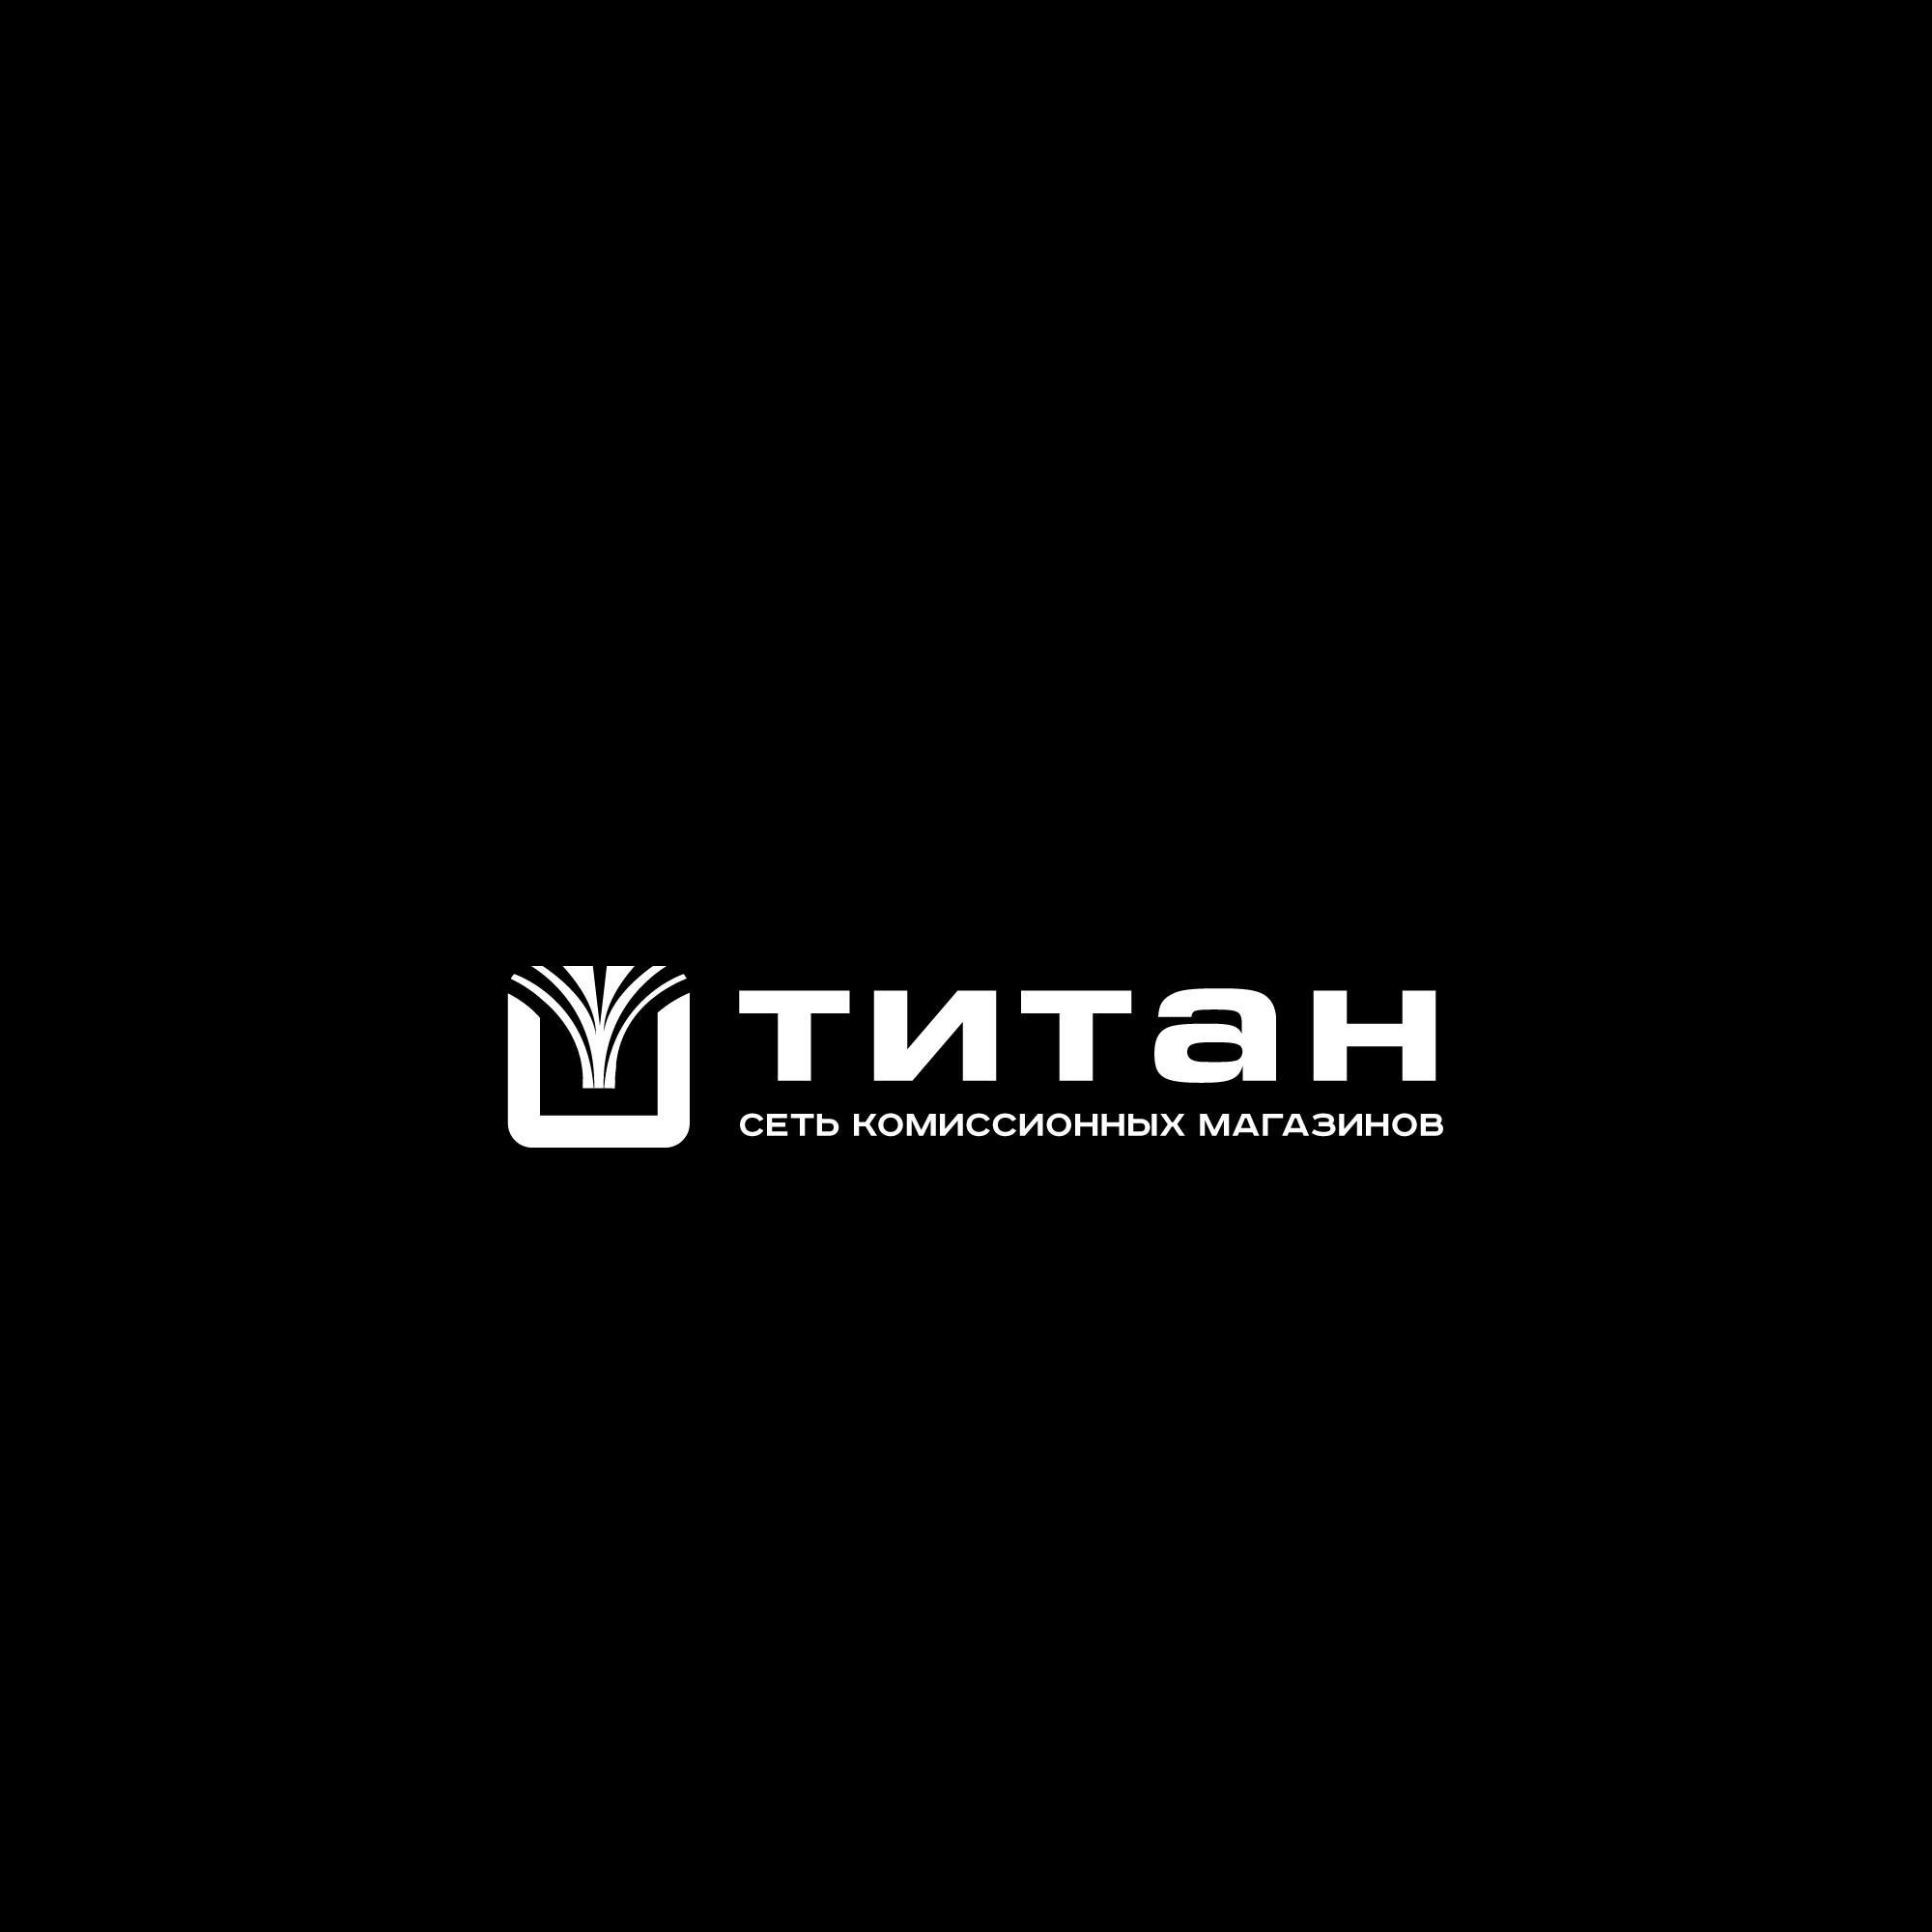 Разработка логотипа (срочно) фото f_3515d4ac6c18521c.jpg